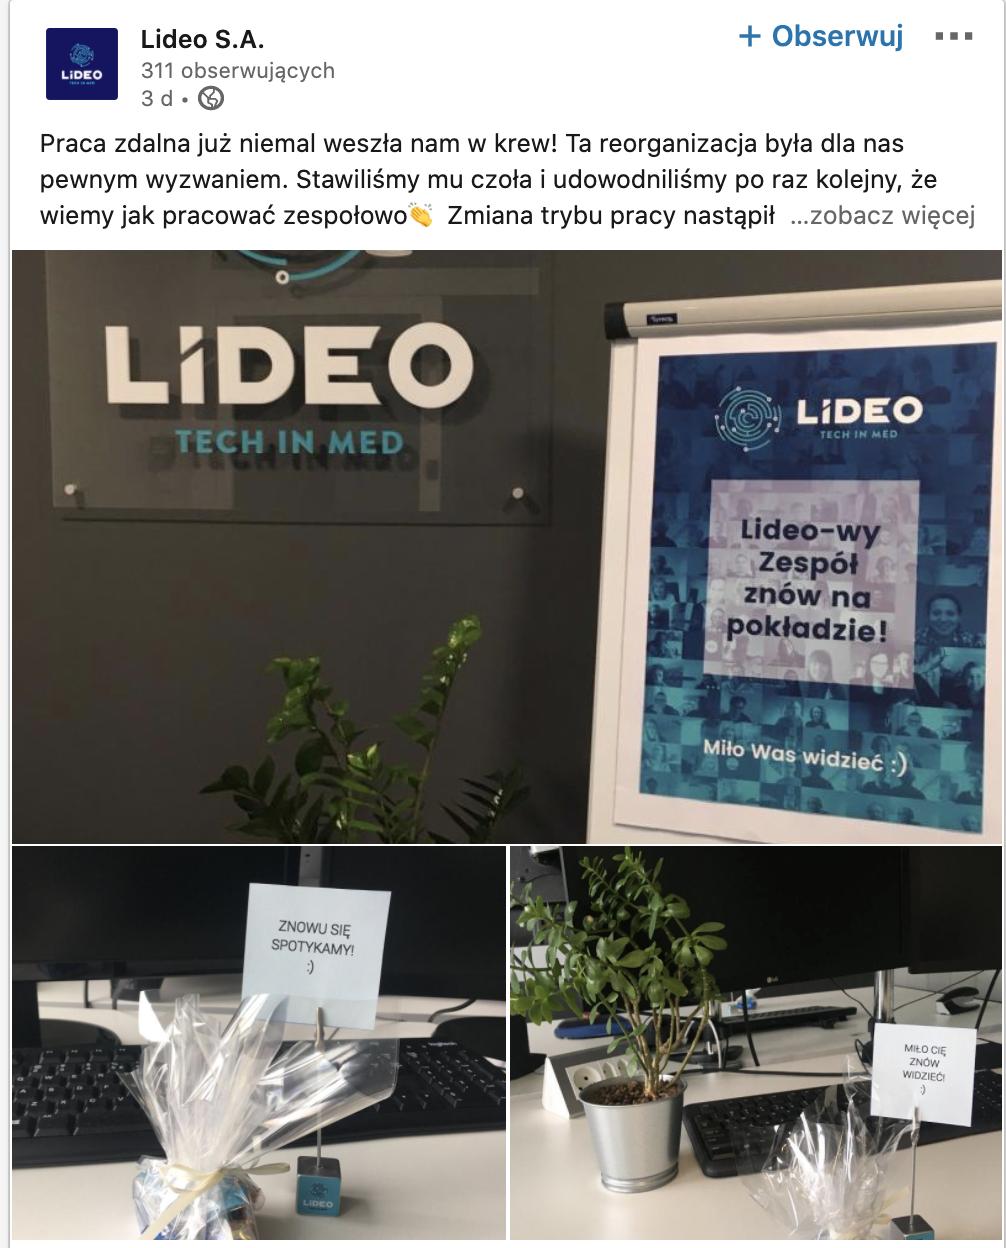 Lideo SA Linkedin page